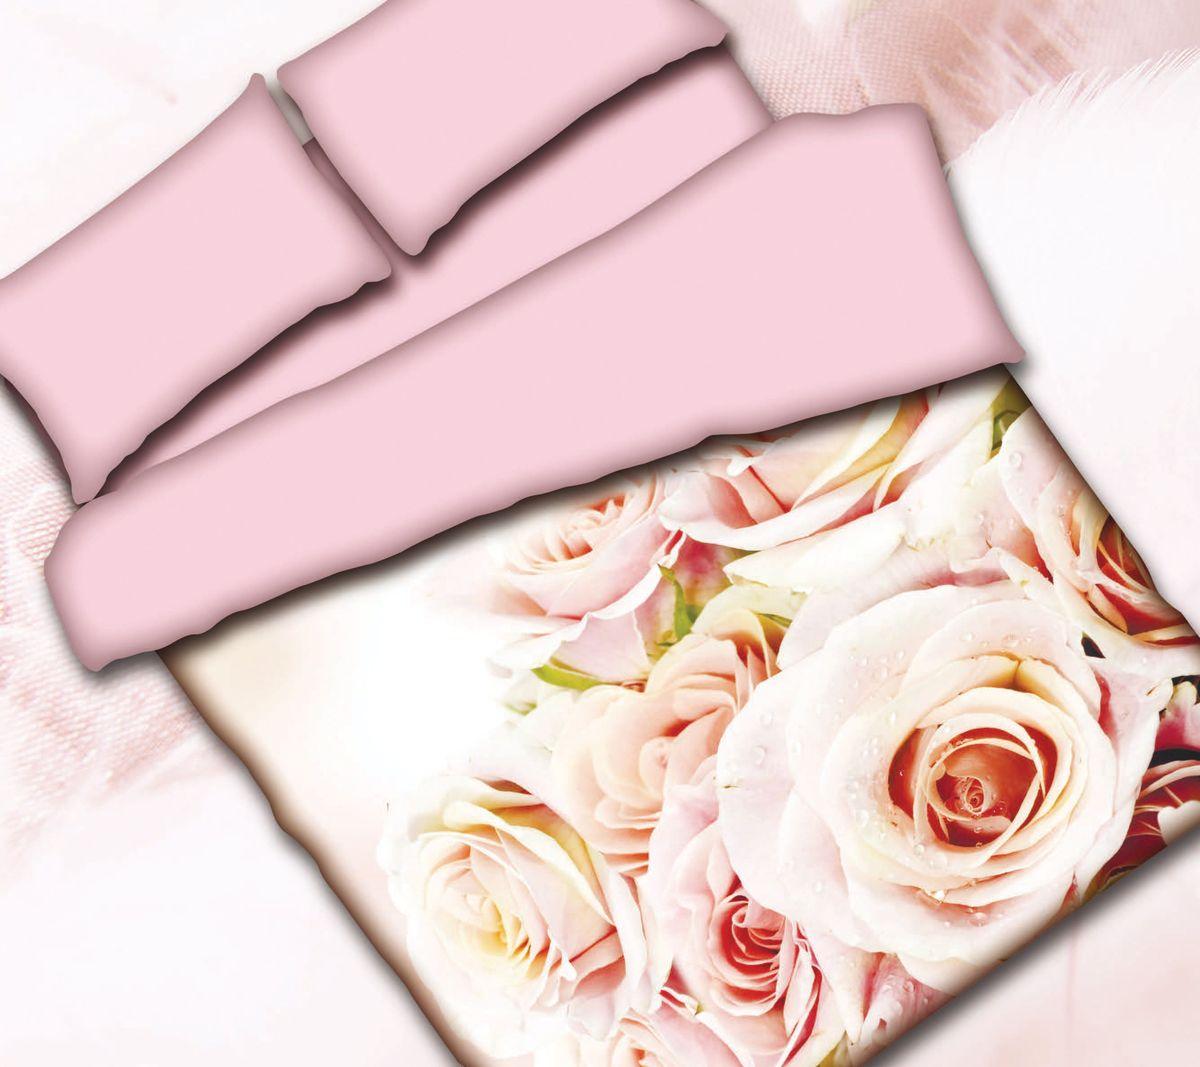 Комплект белья Коллекция Розы, 1,5-спальный, наволочки 70x70. СРП1,5/70/ОЗ/розыСРП1,5/70/ОЗ/розыКомплект постельного белья Коллекция прекрасно украсит любой интерьер. Выполнен из сатина. Сатин - это гладкая и прочная ткань, которая своим блеском, легкостью и гладкостью очень похожа на шелк. Ткань практически не мнется, поэтому его можно не гладить. Он практичен, так как хорошо переносит множественные стирки. Комплект включает в себя: простыню 160 х 224 см, пододеяльник 150 х 210 см,2 наволочки 70 х 70 см.